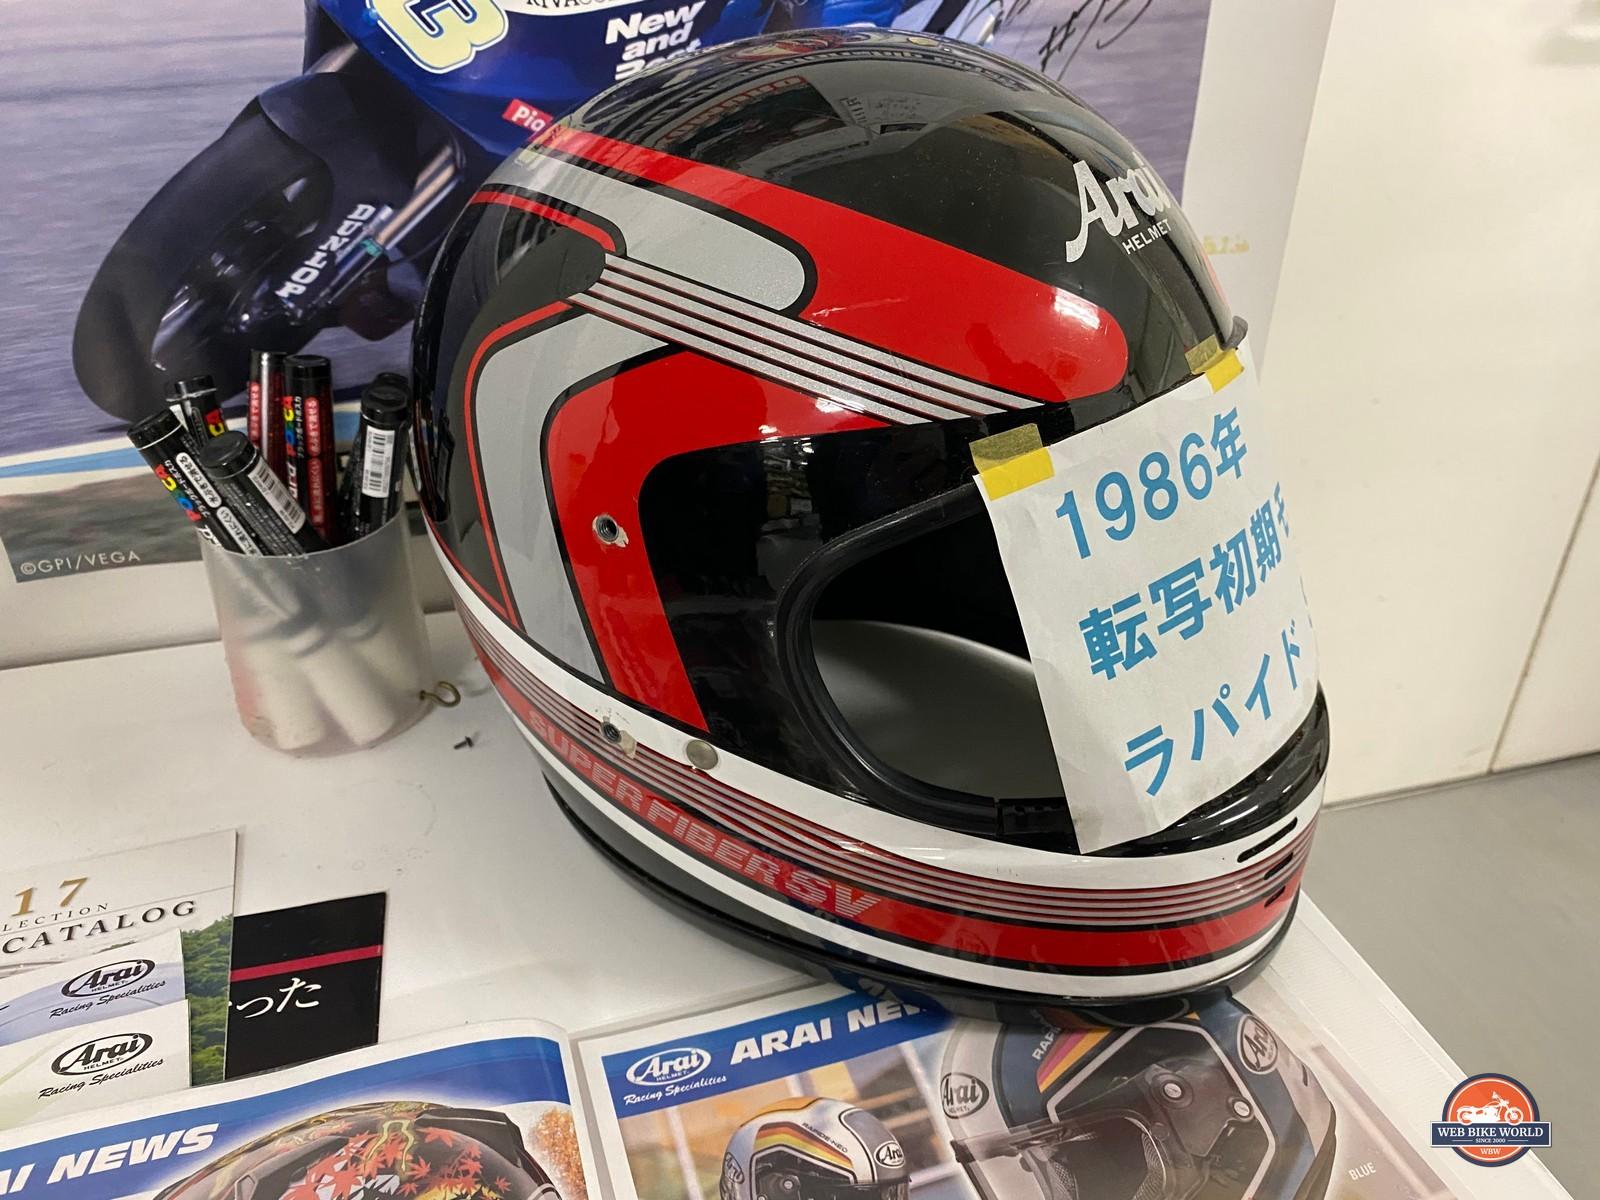 Arai Helmet at Arai Helmet Factory in Japan